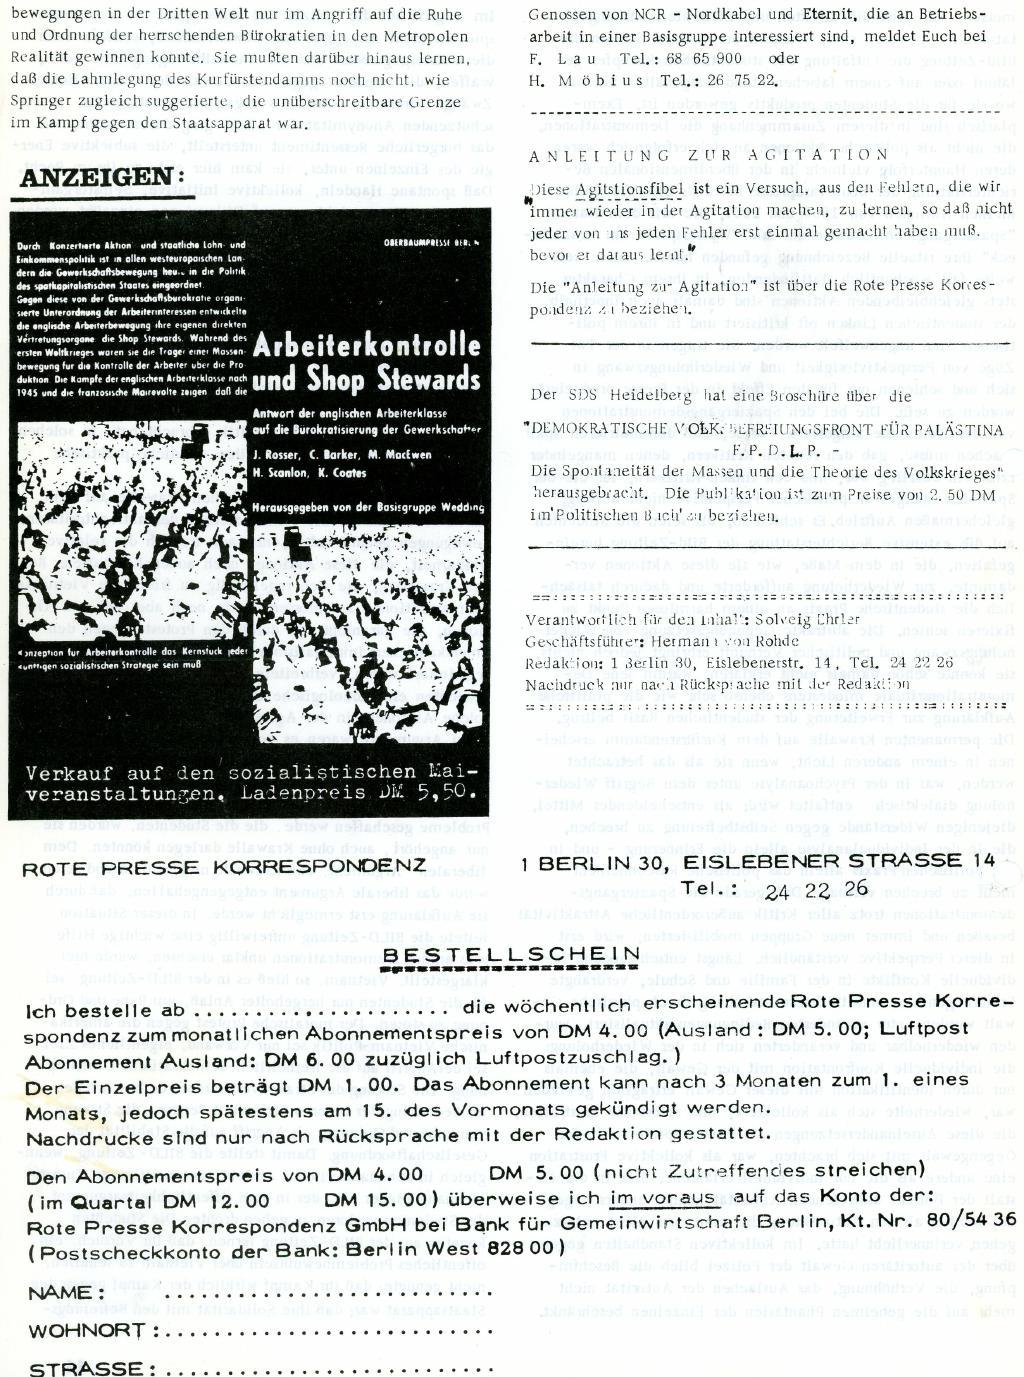 RPK_1969_013_12